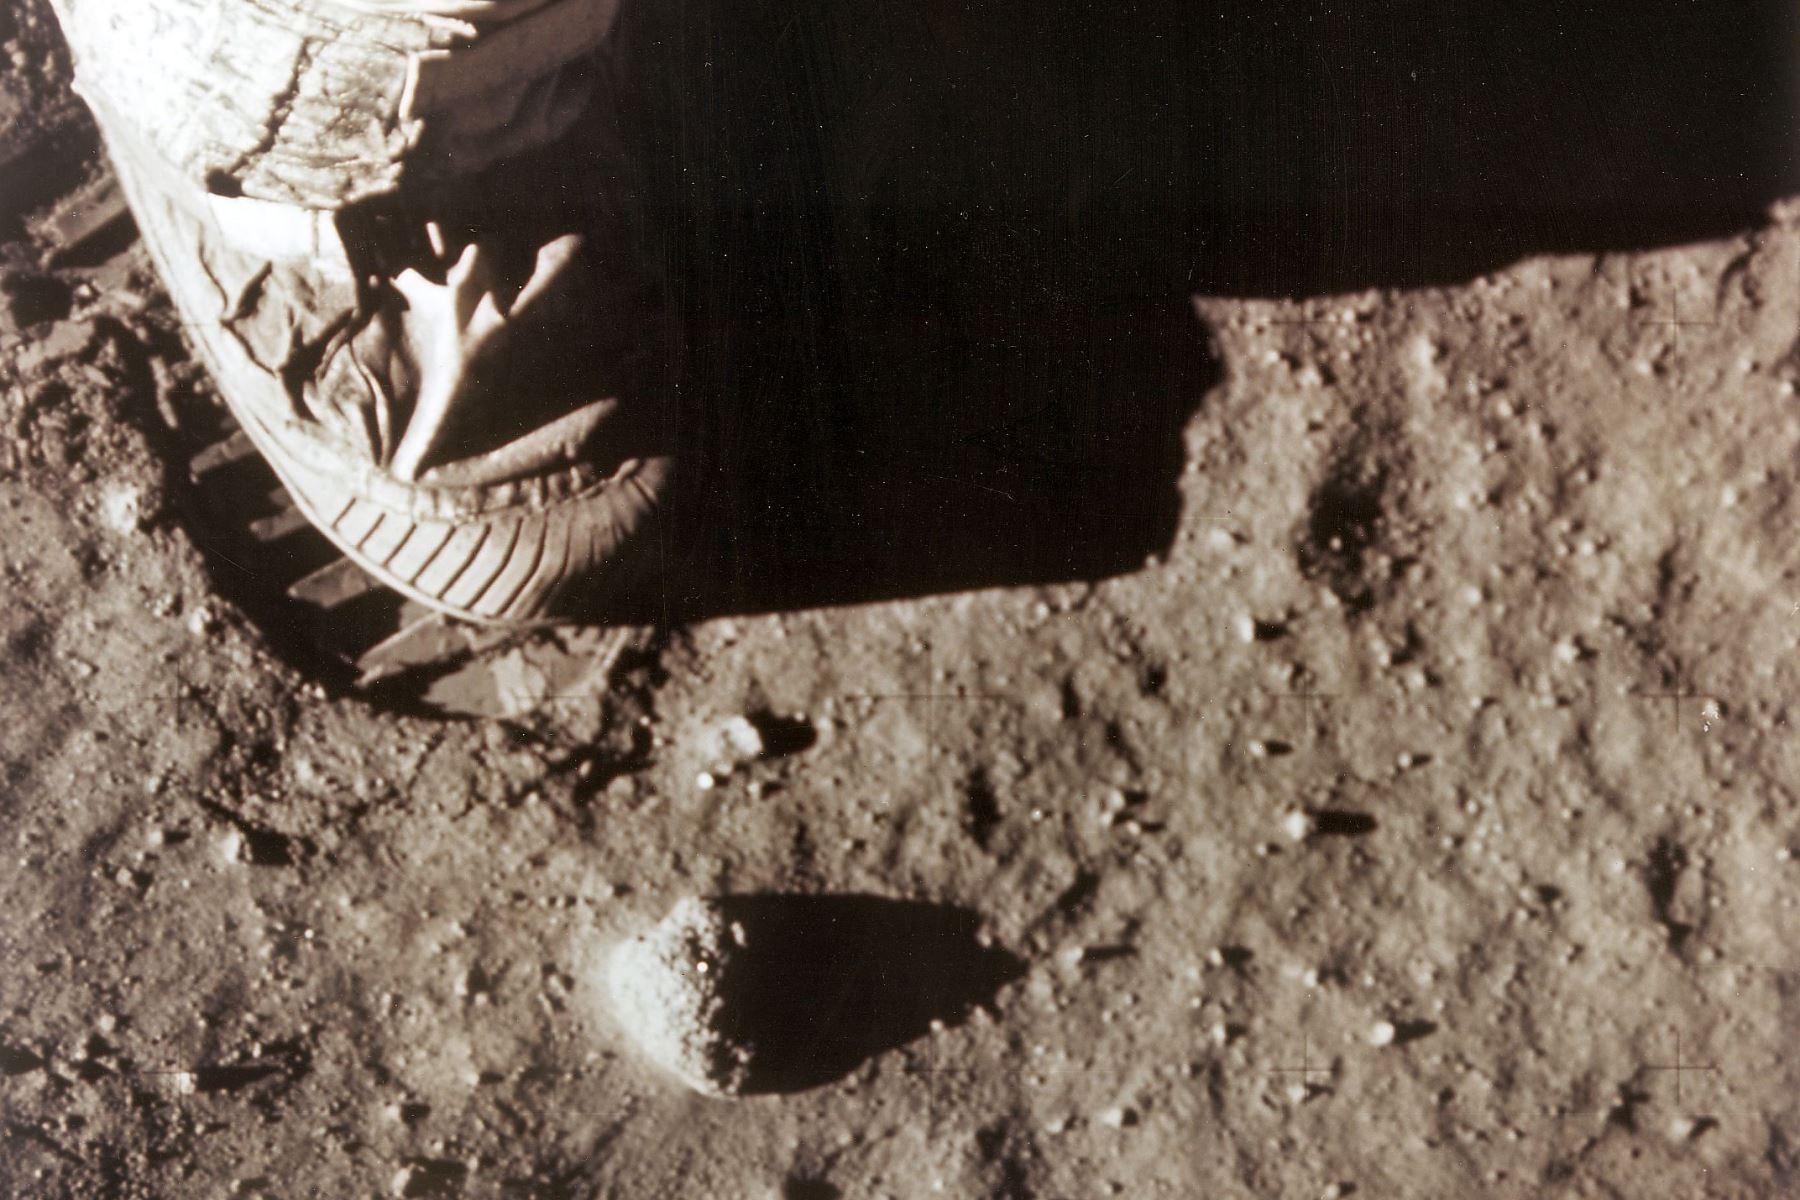 El pie derecho del comandante del Apolo 11, Neil Armstrong, deja una huella en el suelo lunar el 20 de julio de 1969. Foto: AFP